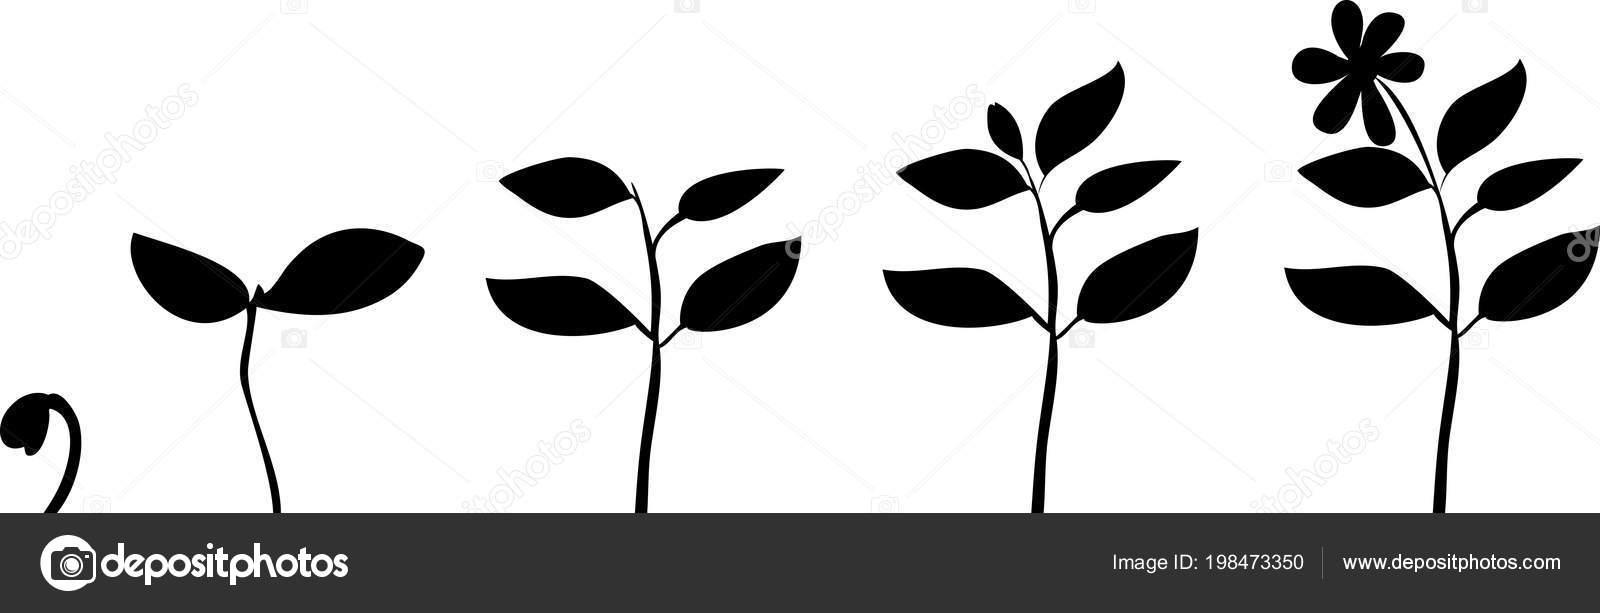 Schema Croissance Fleur Silhouettes Plantes Image Vectorielle